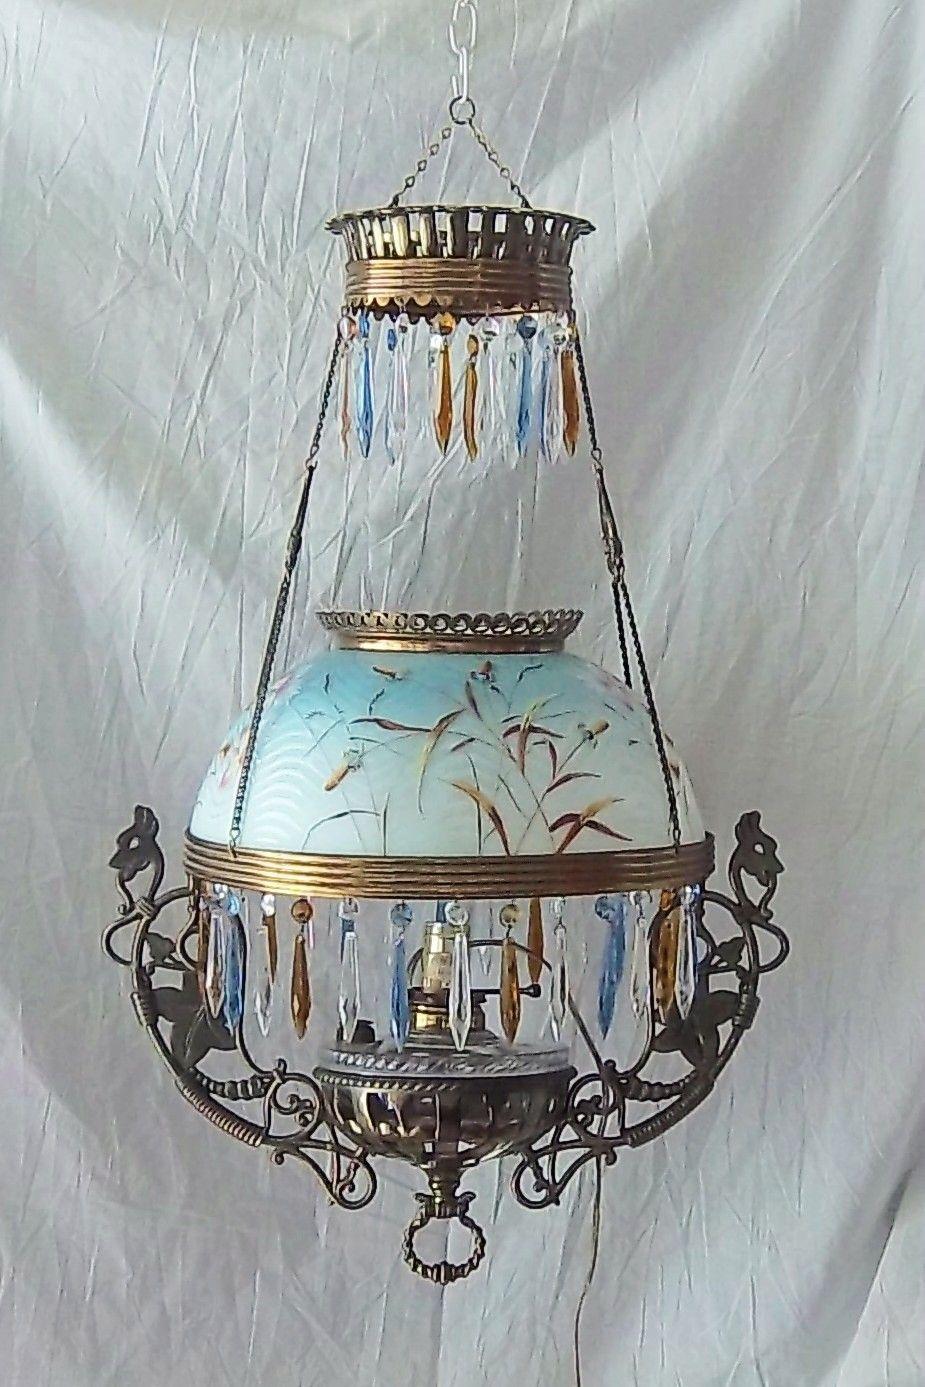 B H Bradley Hubbard Antique Vintage Hanging Oil Kerosene Lamp Dragon Electric Oil Lamps Antique Lamps Antique Light Fixtures